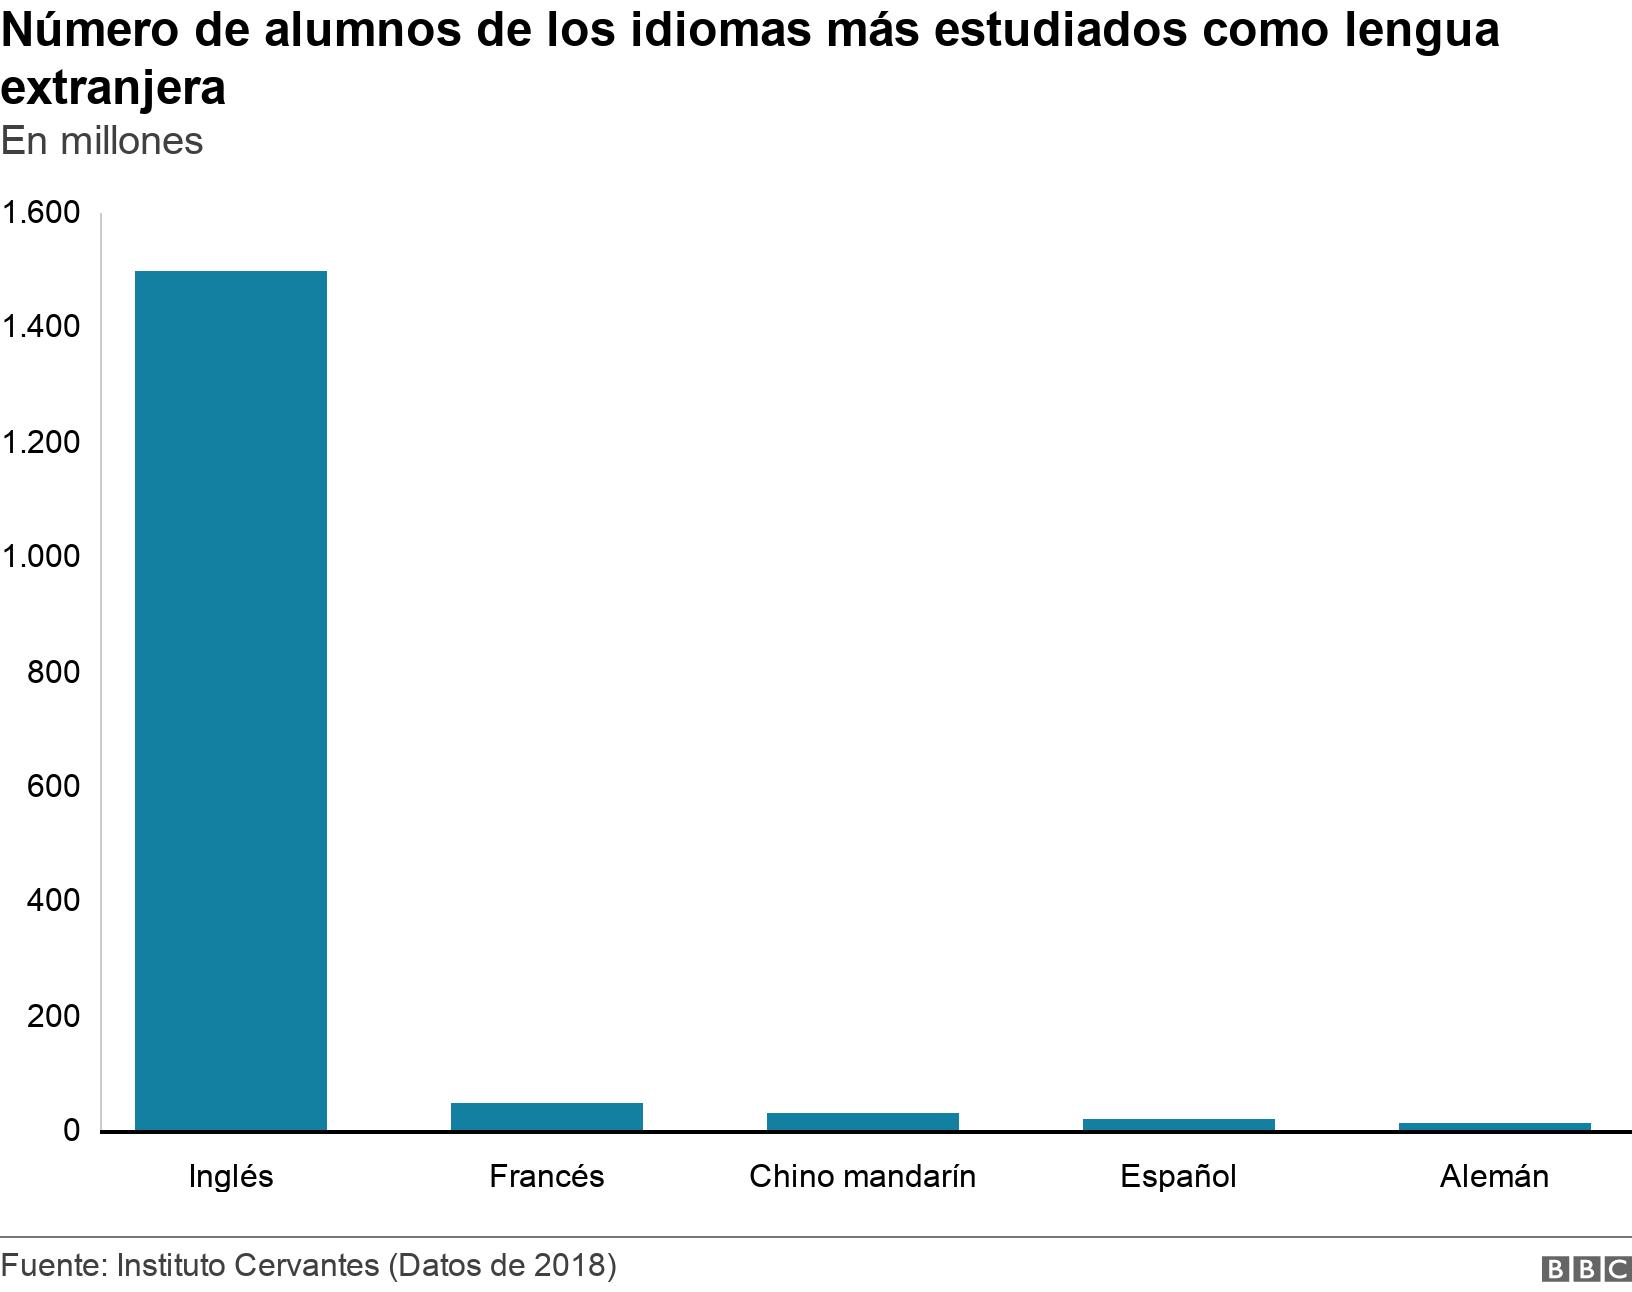 Número de alumnos de los idiomas más estudiados como lengua extranjera. En millones. El gráfico muestra el número de los idiomas más estudiados como lengua extranjera.  .